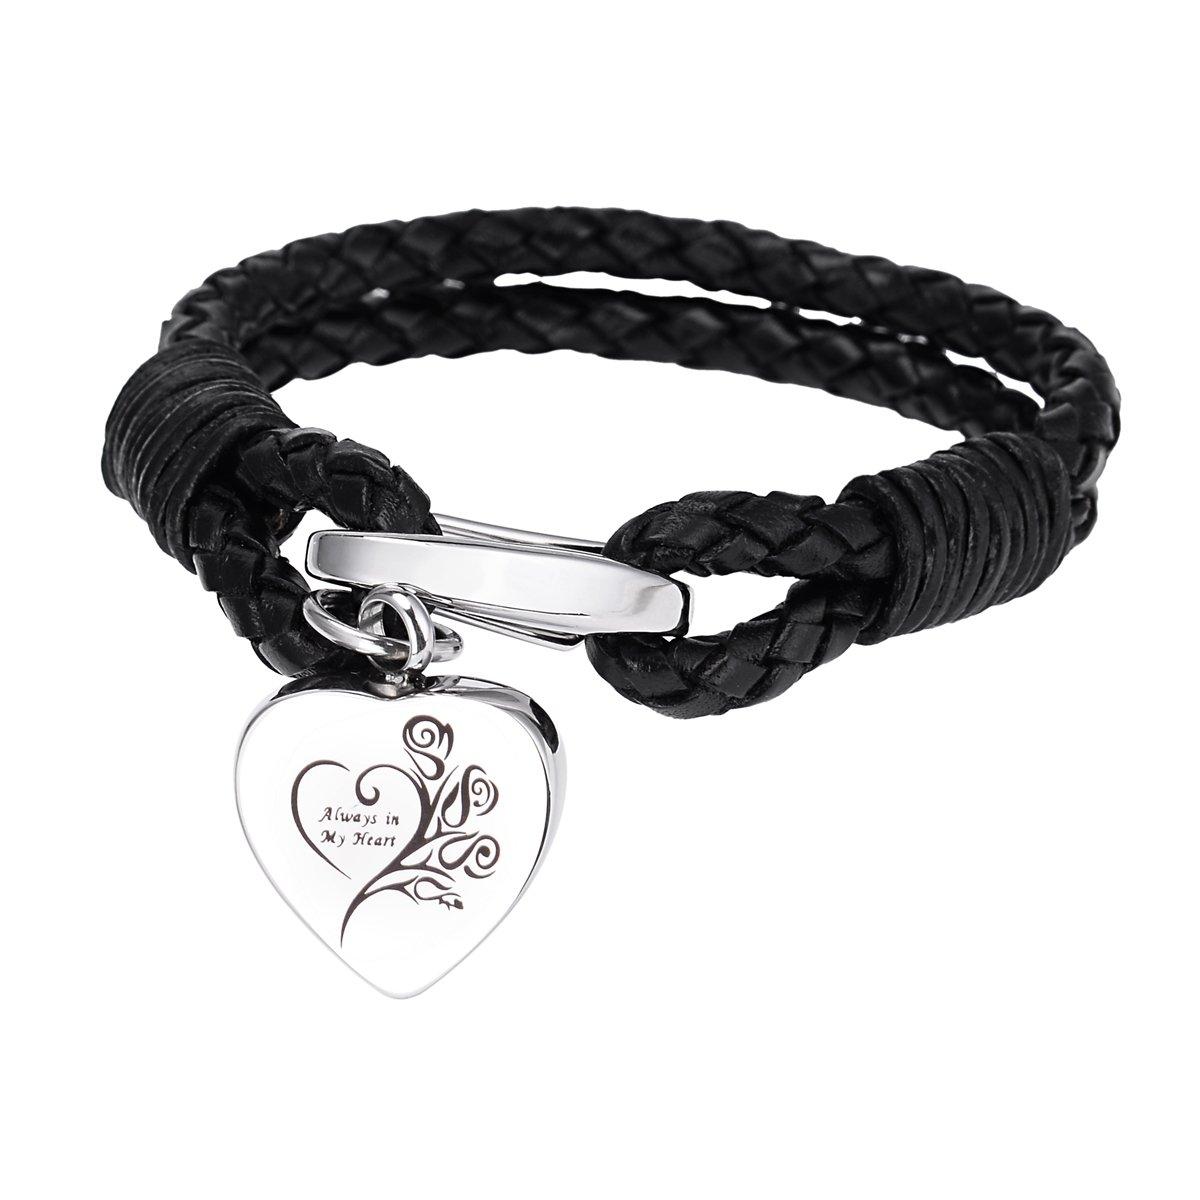 Always in my heart Heart Cremation Bracelet Memorial PU Leather Bracelet Keepsake Jewelry BY B00YE0A19W